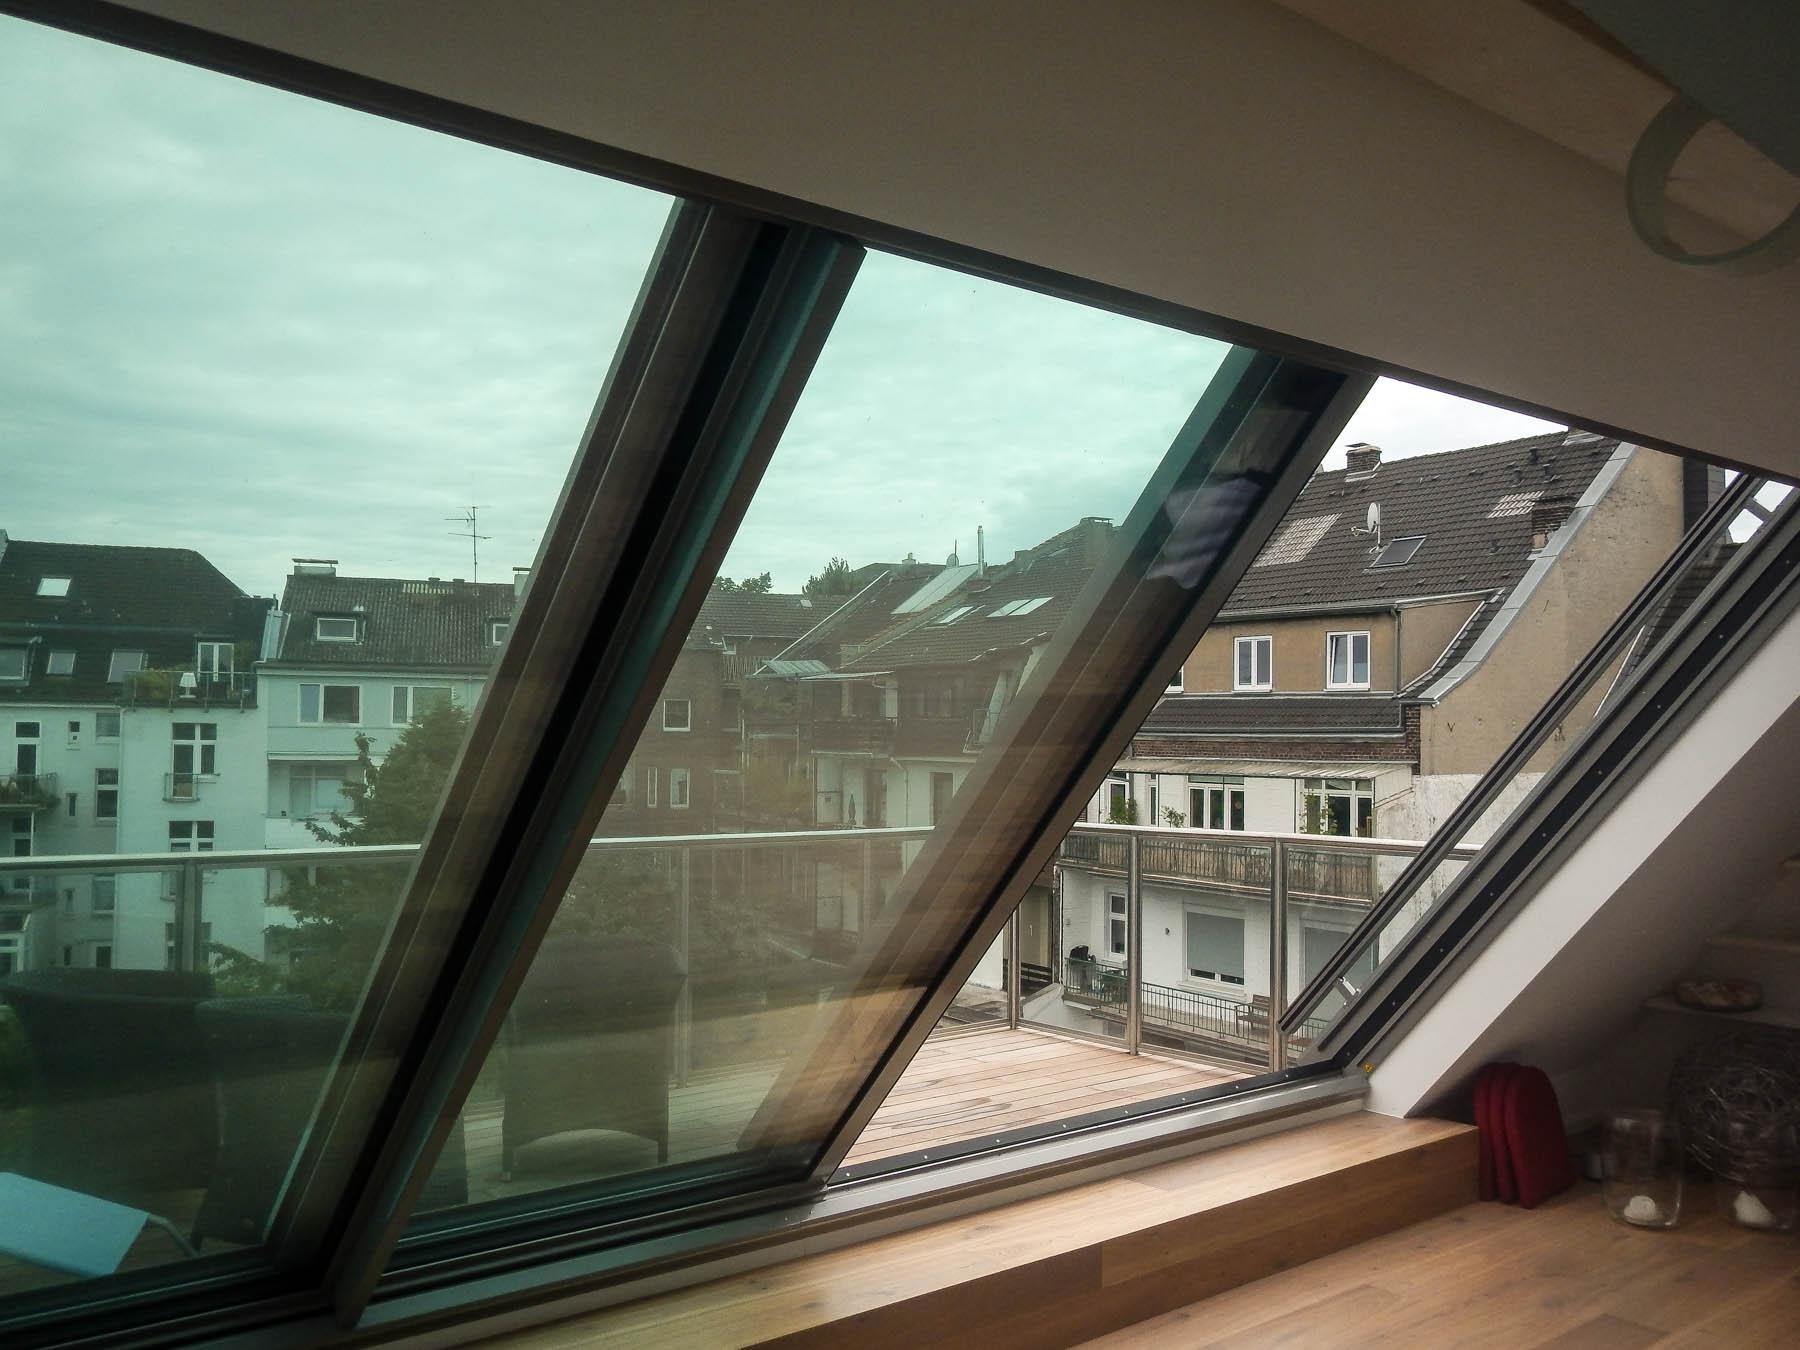 2-teiliges Panorma Dachschiebefenster in Düsseldorf (Objekt 113. Dieses 2 teilige Panorama Dachfenster hat eine Größe von 600 x 280 cm (BxH)